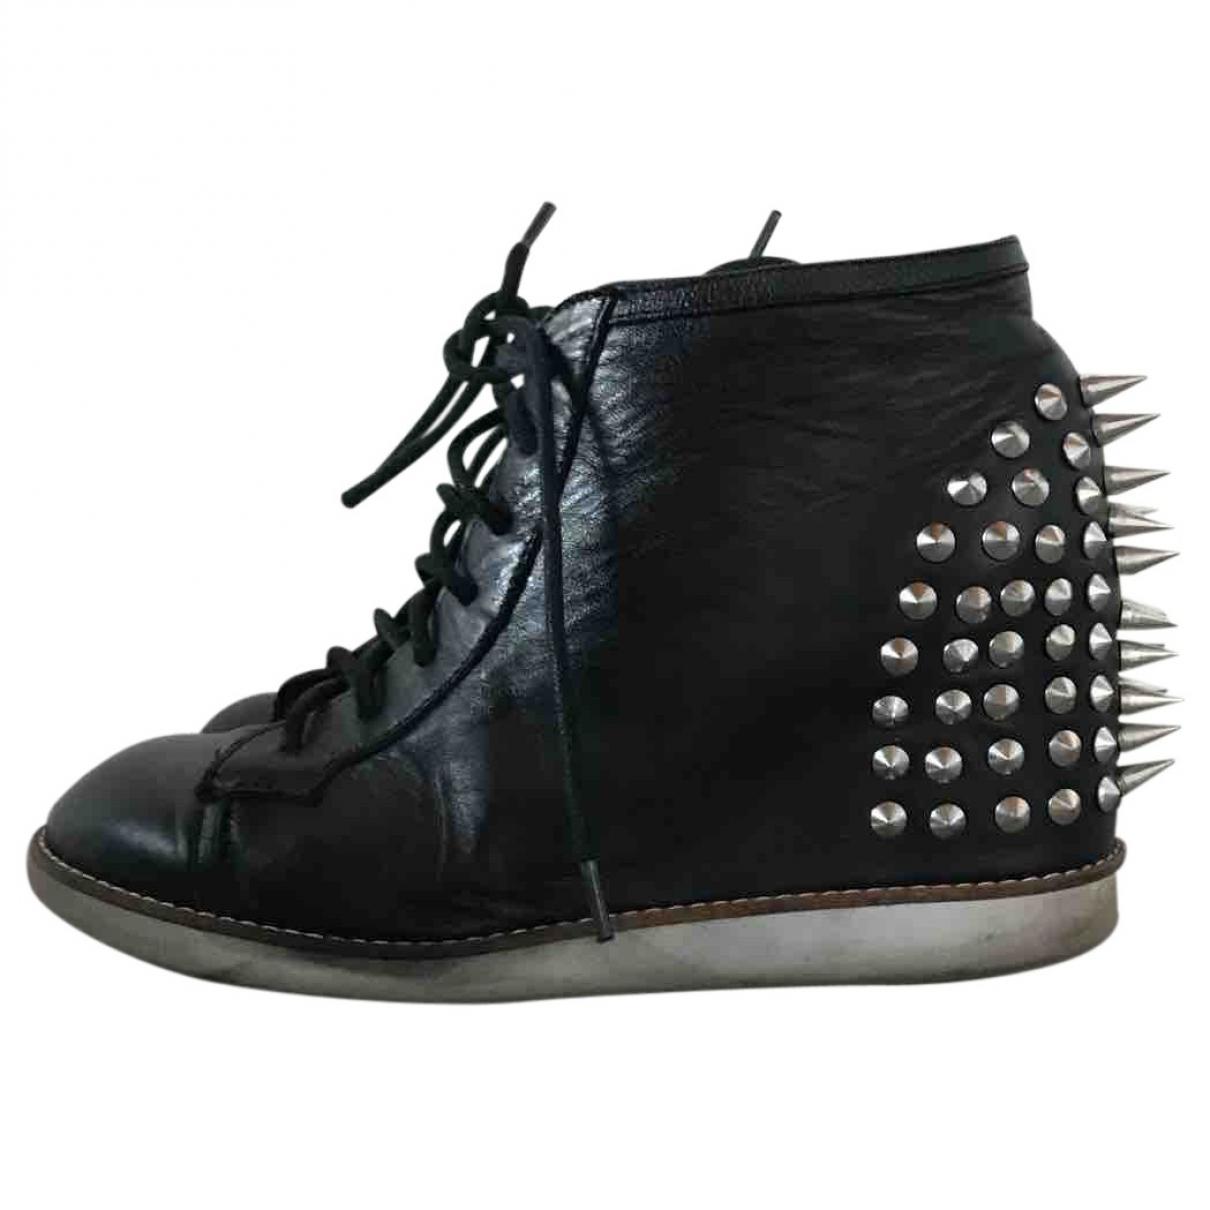 Jeffrey Campbell - Baskets   pour femme en cuir - noir